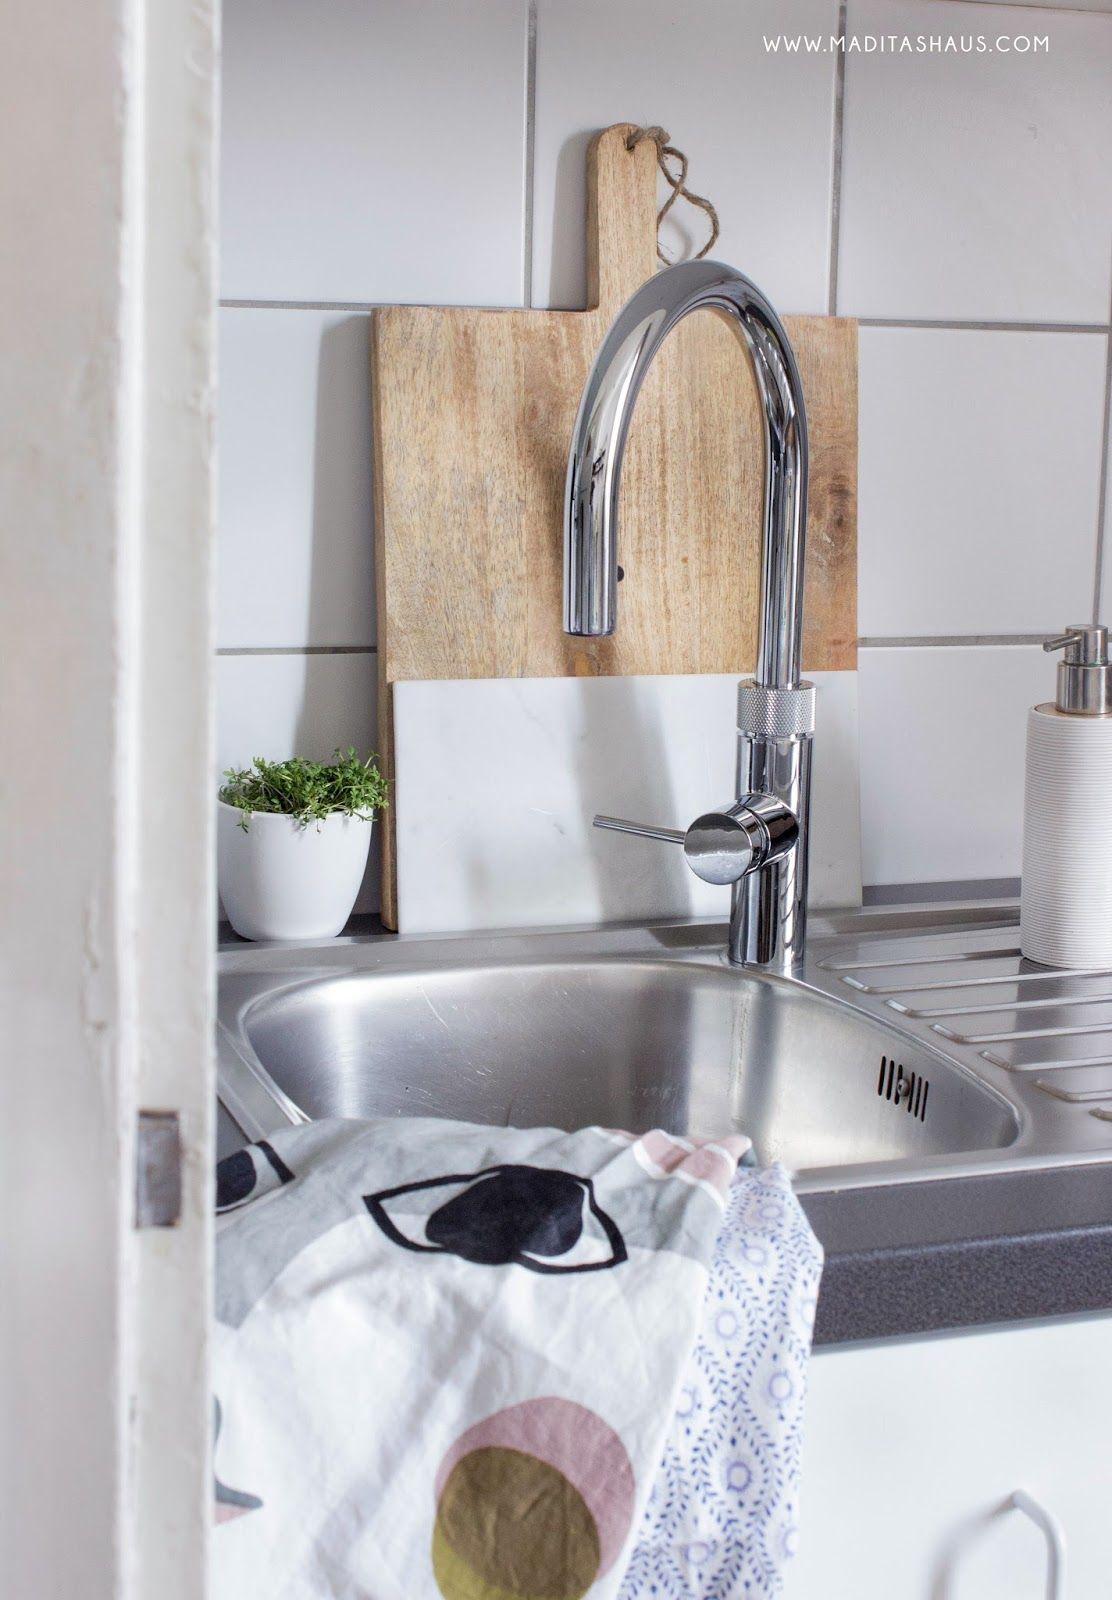 Nett Küchenarmaturen Long Island Ny Bilder - Küchenschrank Ideen ...